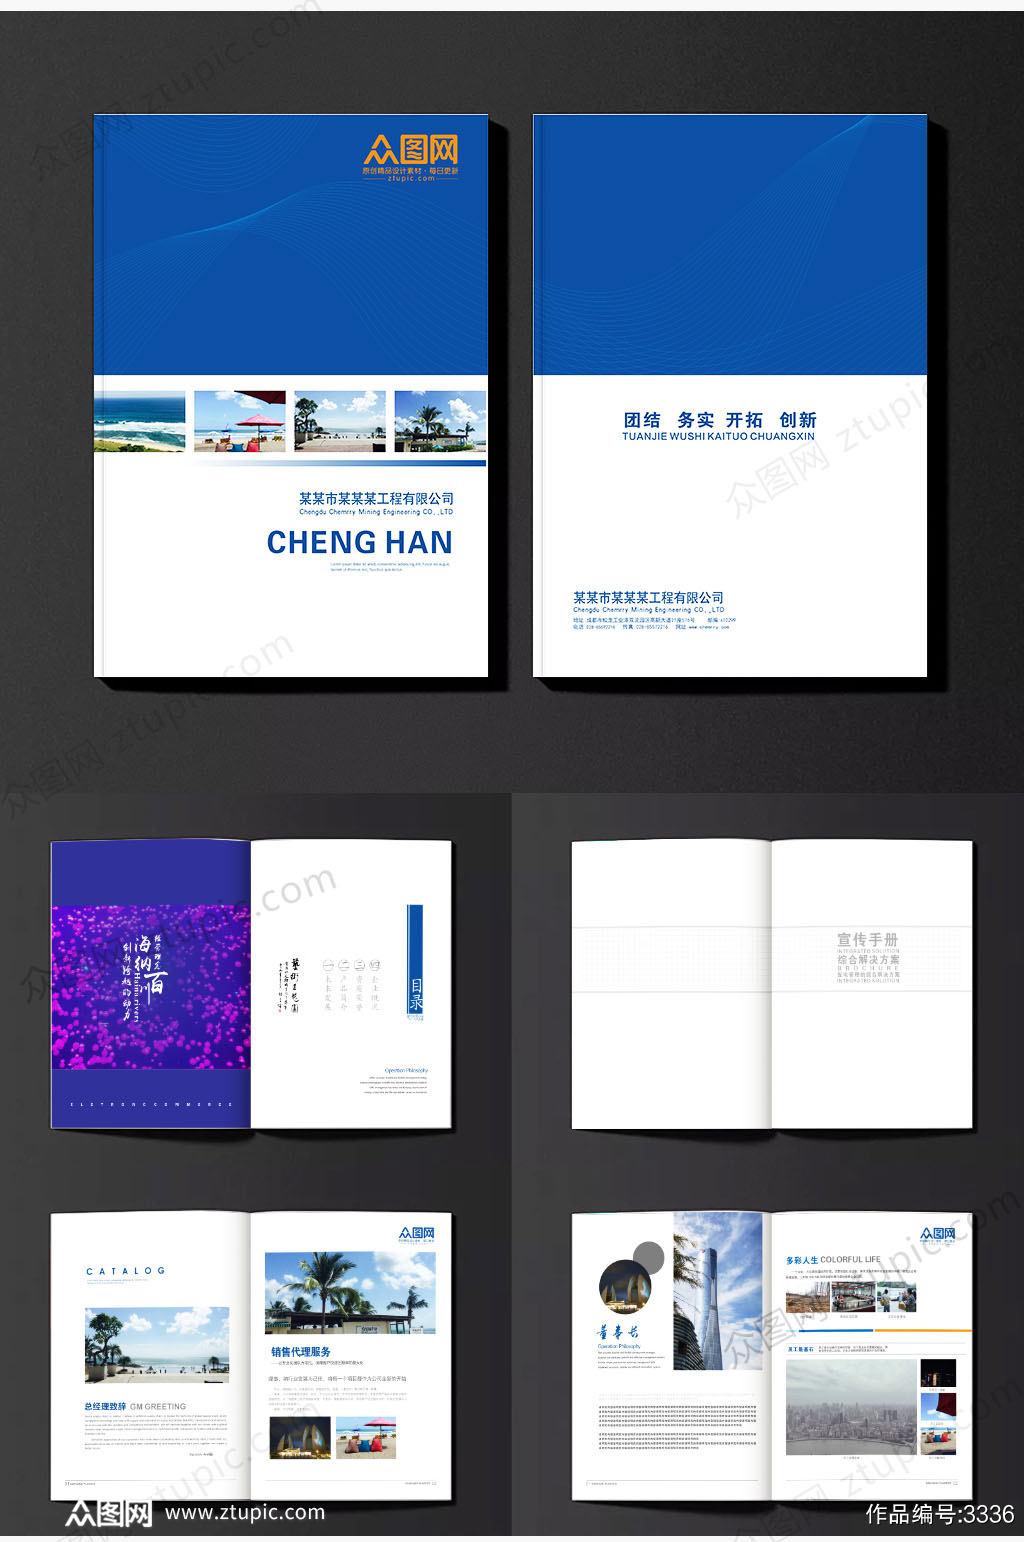 蓝白现代通用企业宣传画册素材